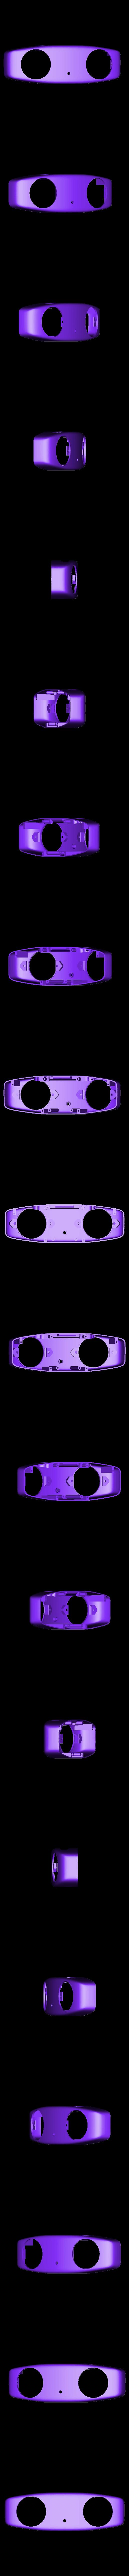 Body_Front_fixed.stl Télécharger fichier STL gratuit haut-parleur mp3 pour smartphone • Modèle pour imprimante 3D, Caghon3d